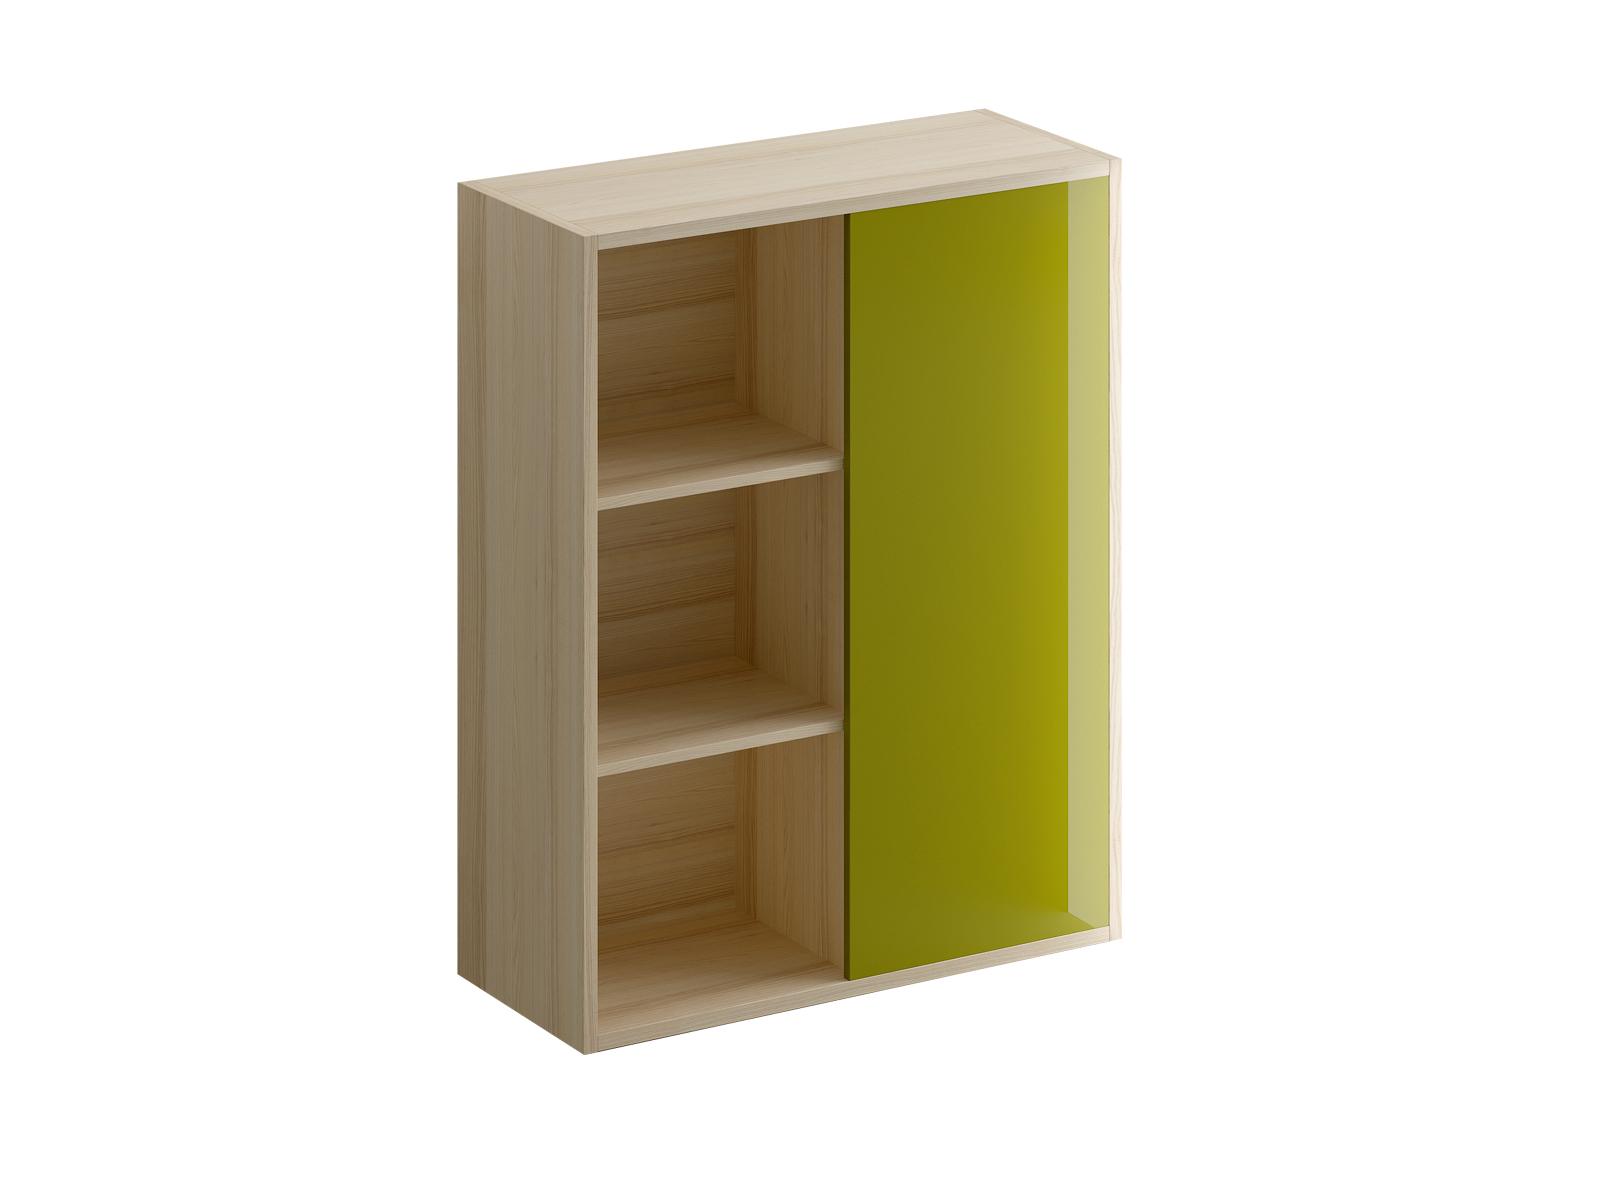 Шкаф оливковый Mix PlusШкафы<br>Шкаф дл книг и документов. У шкафа двa отделени: открытые полки слева и съёмные полки за дверь справа.<br>